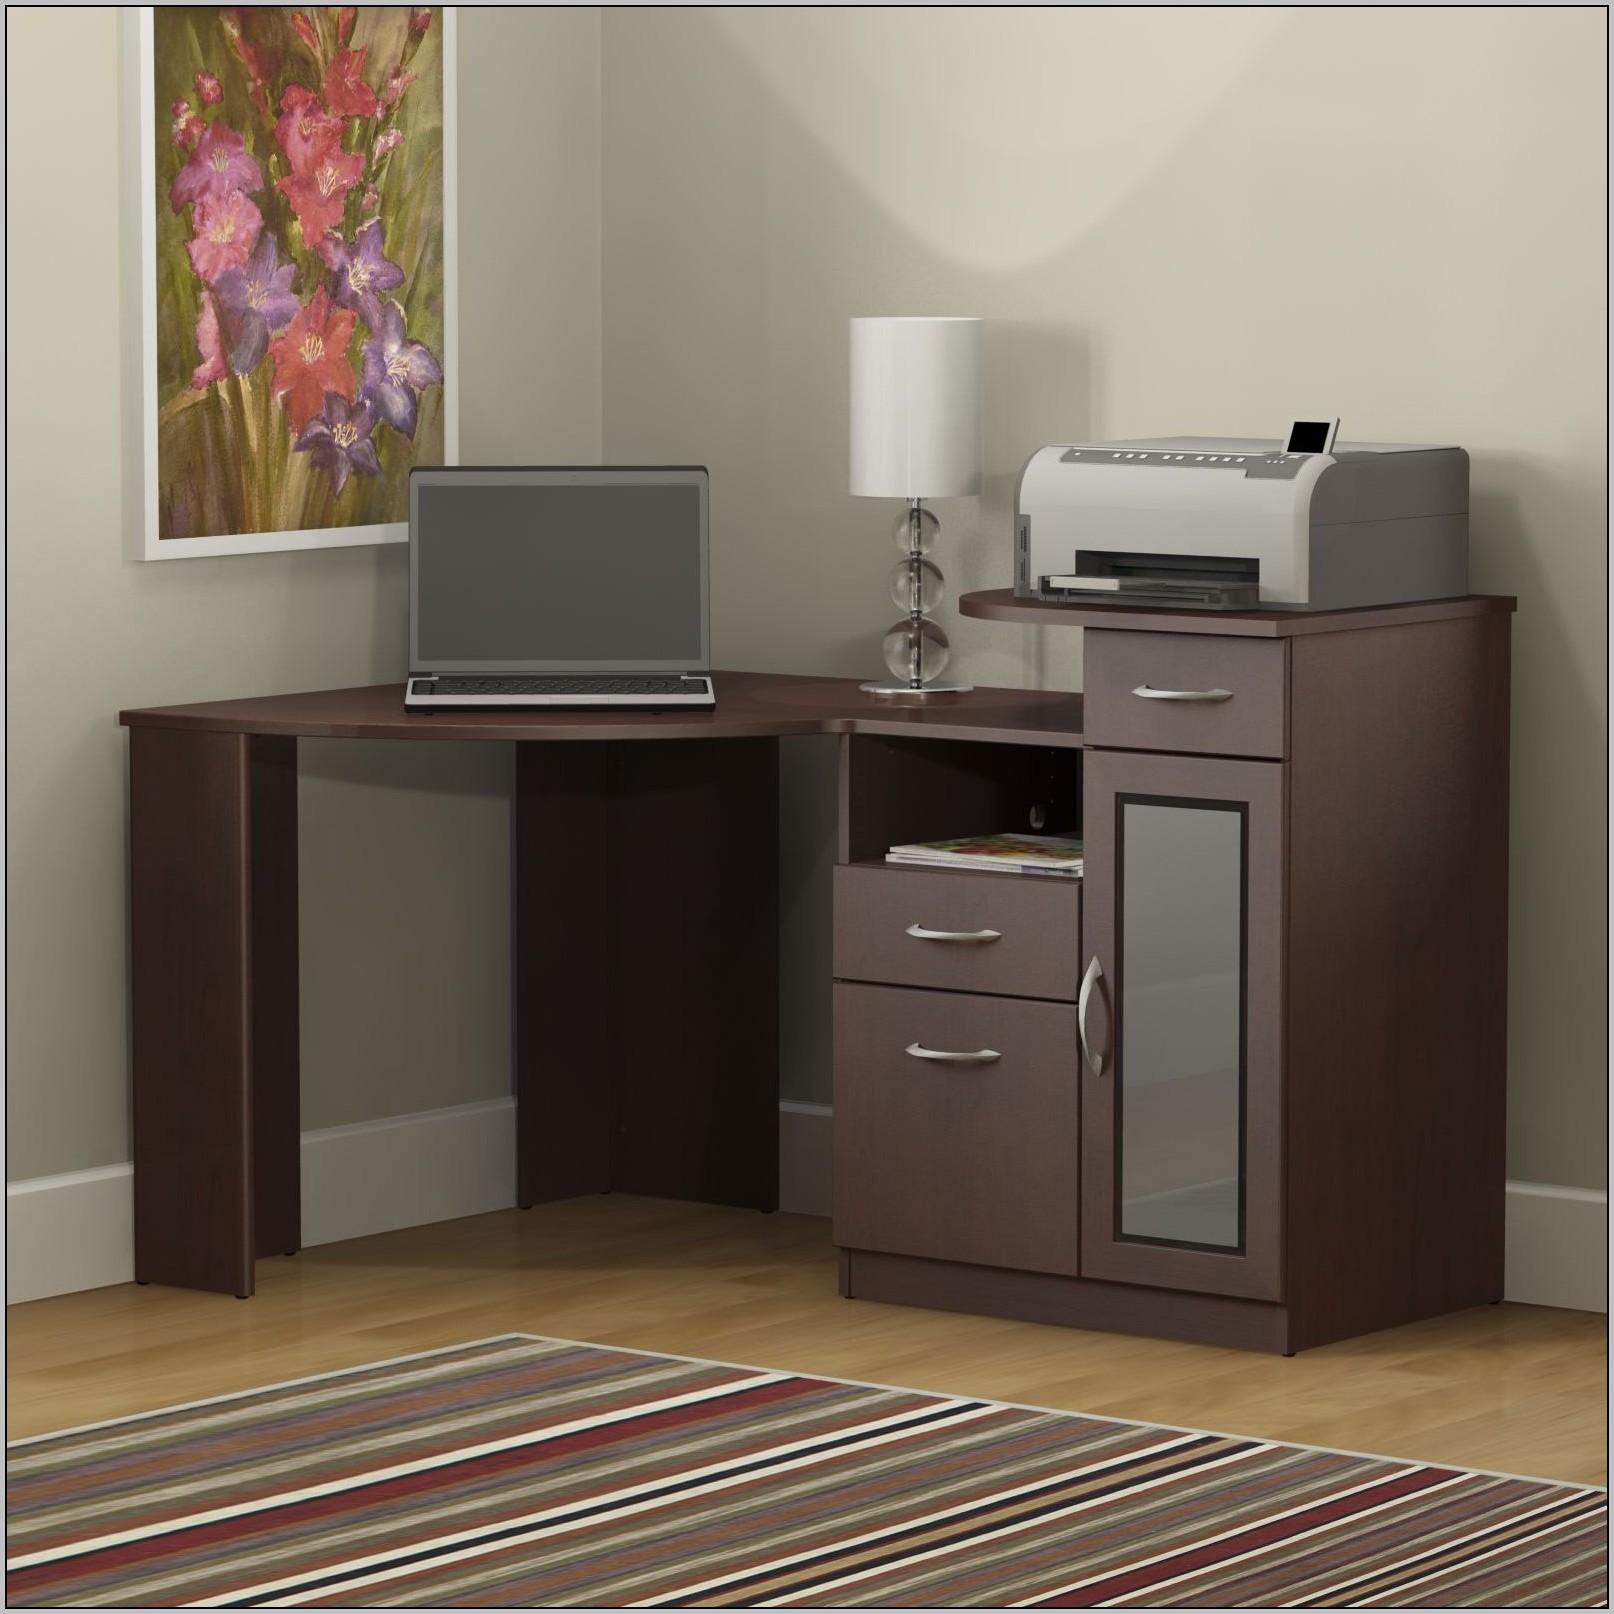 Rooms To Go Corner Desks Download Page Home Design Ideas  : rooms to go corner desks from www.anguloconsulting.com size 1614 x 1614 jpeg 307kB